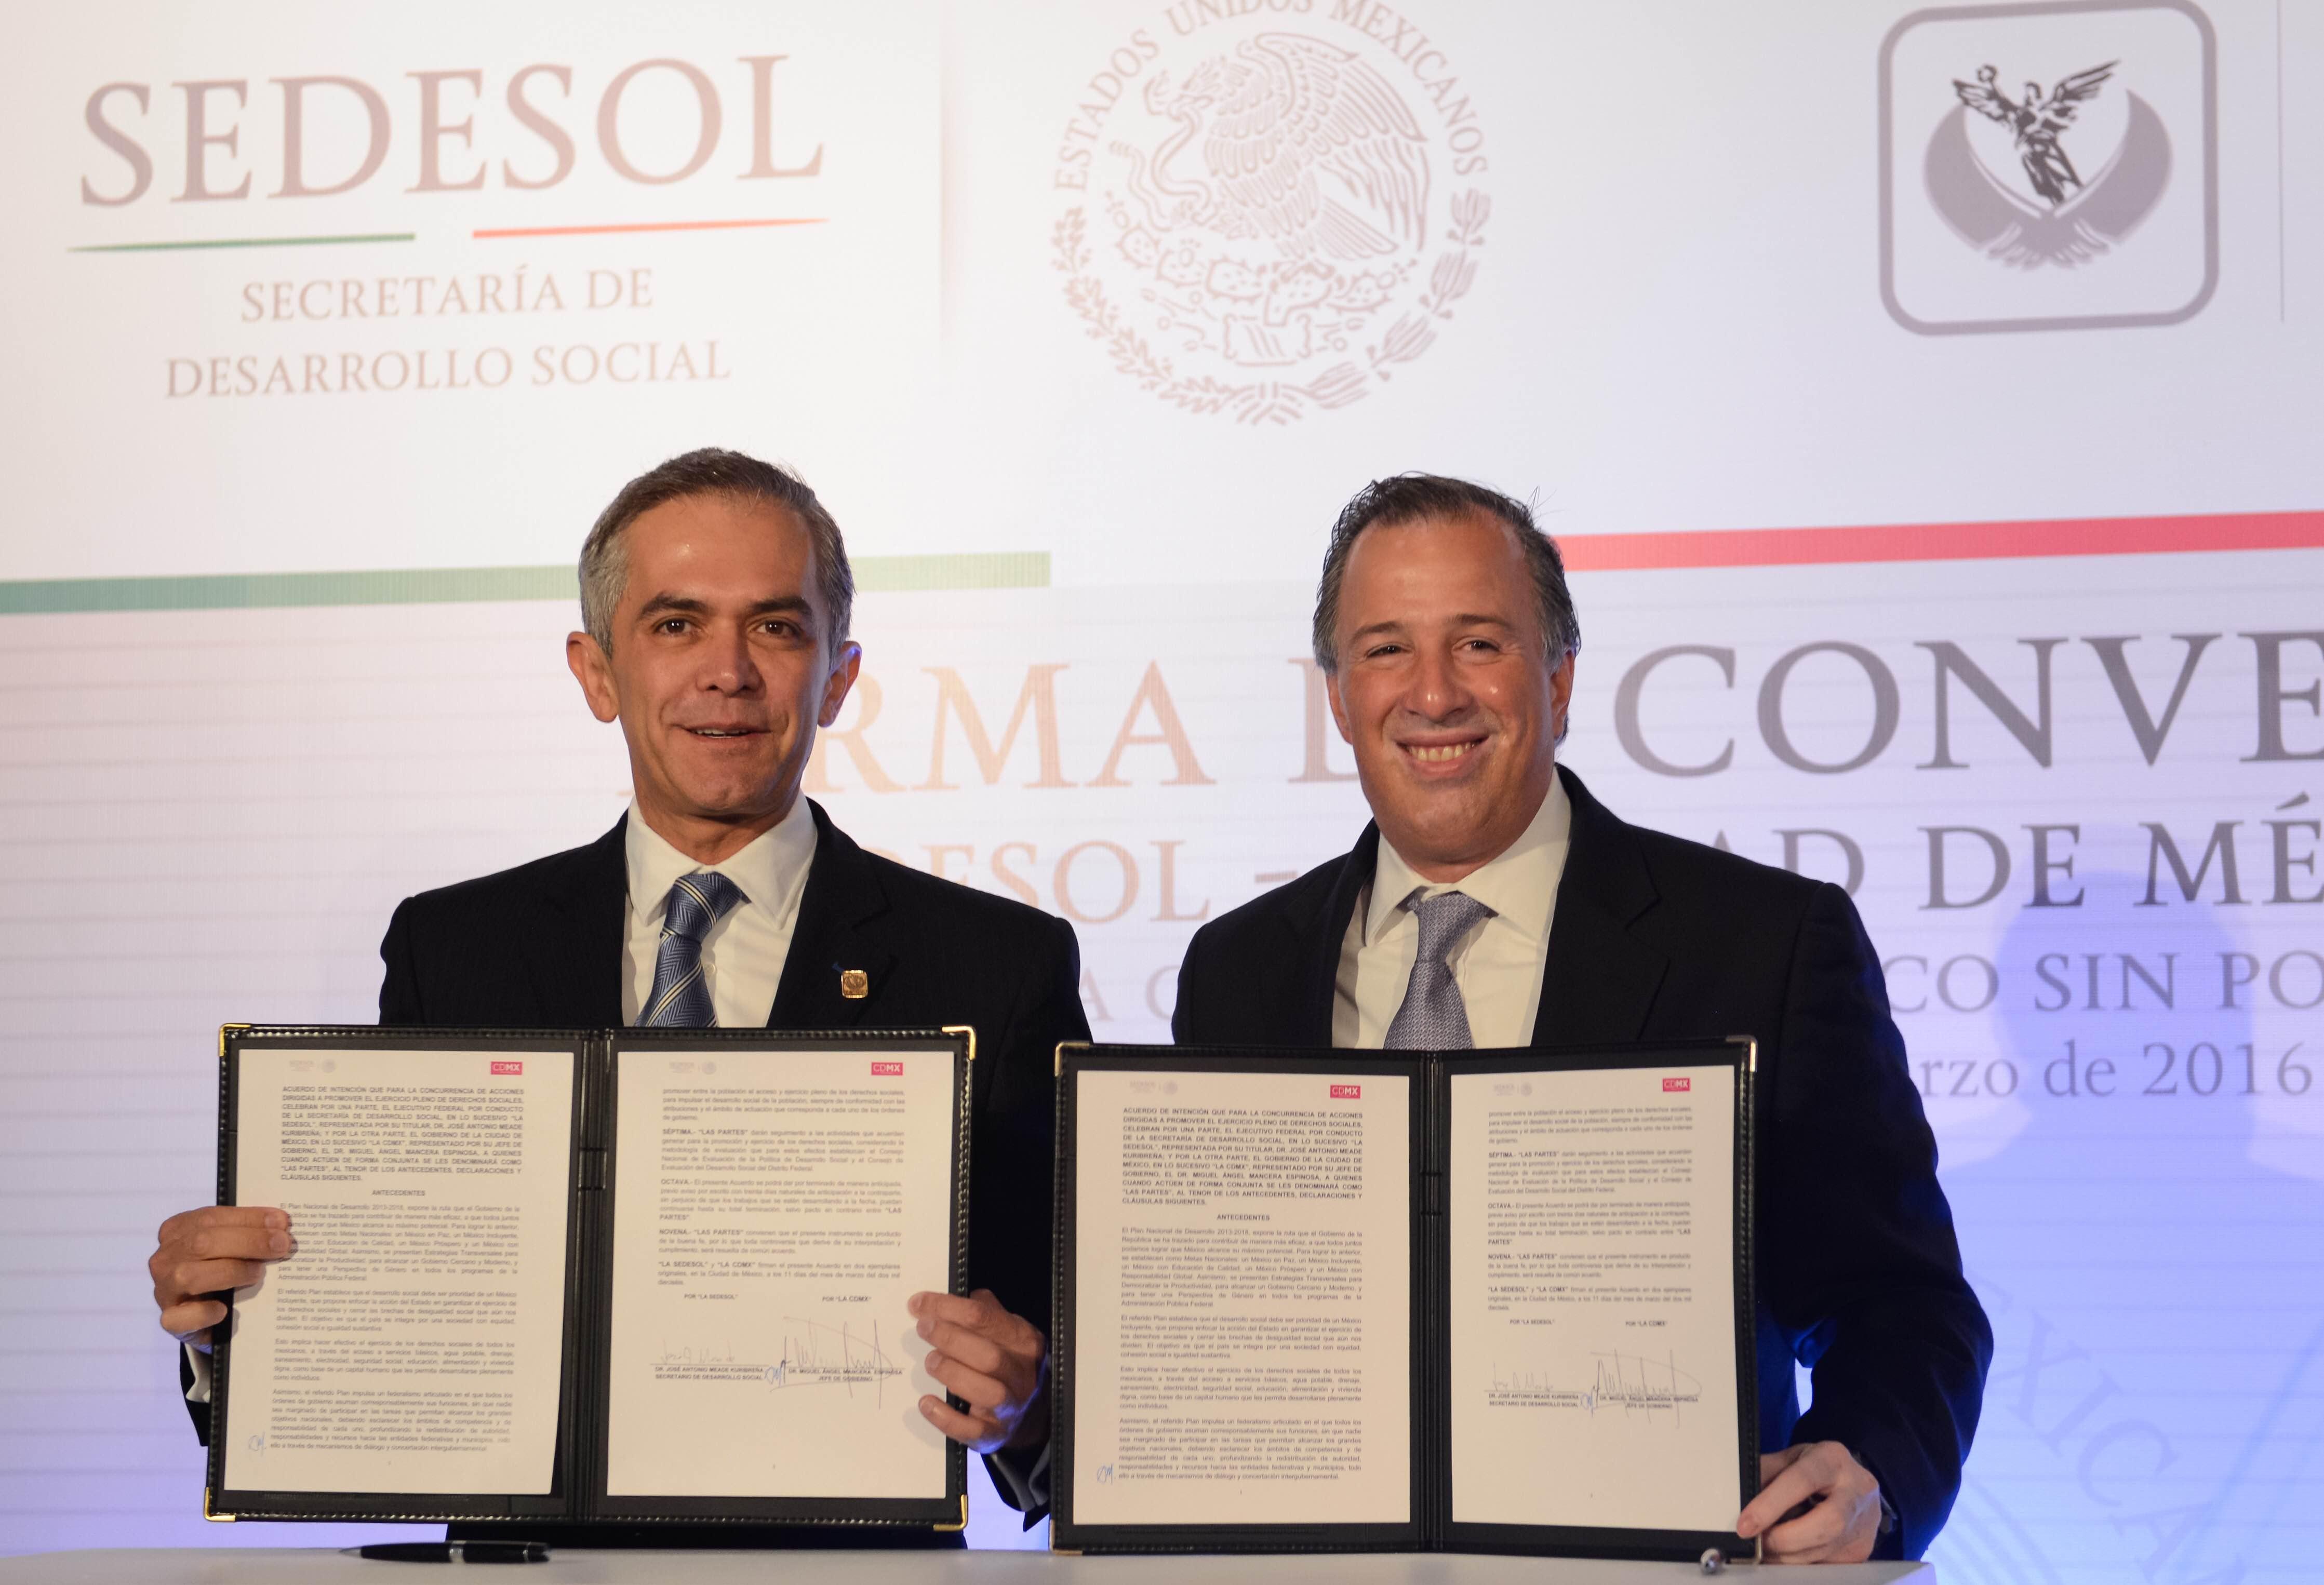 Ambos funcionarios encabezaron la puesta en marcha de los trabajos de la Primera Sesión Ordinaria de la Comisión Nacional de Desarrollo Social.